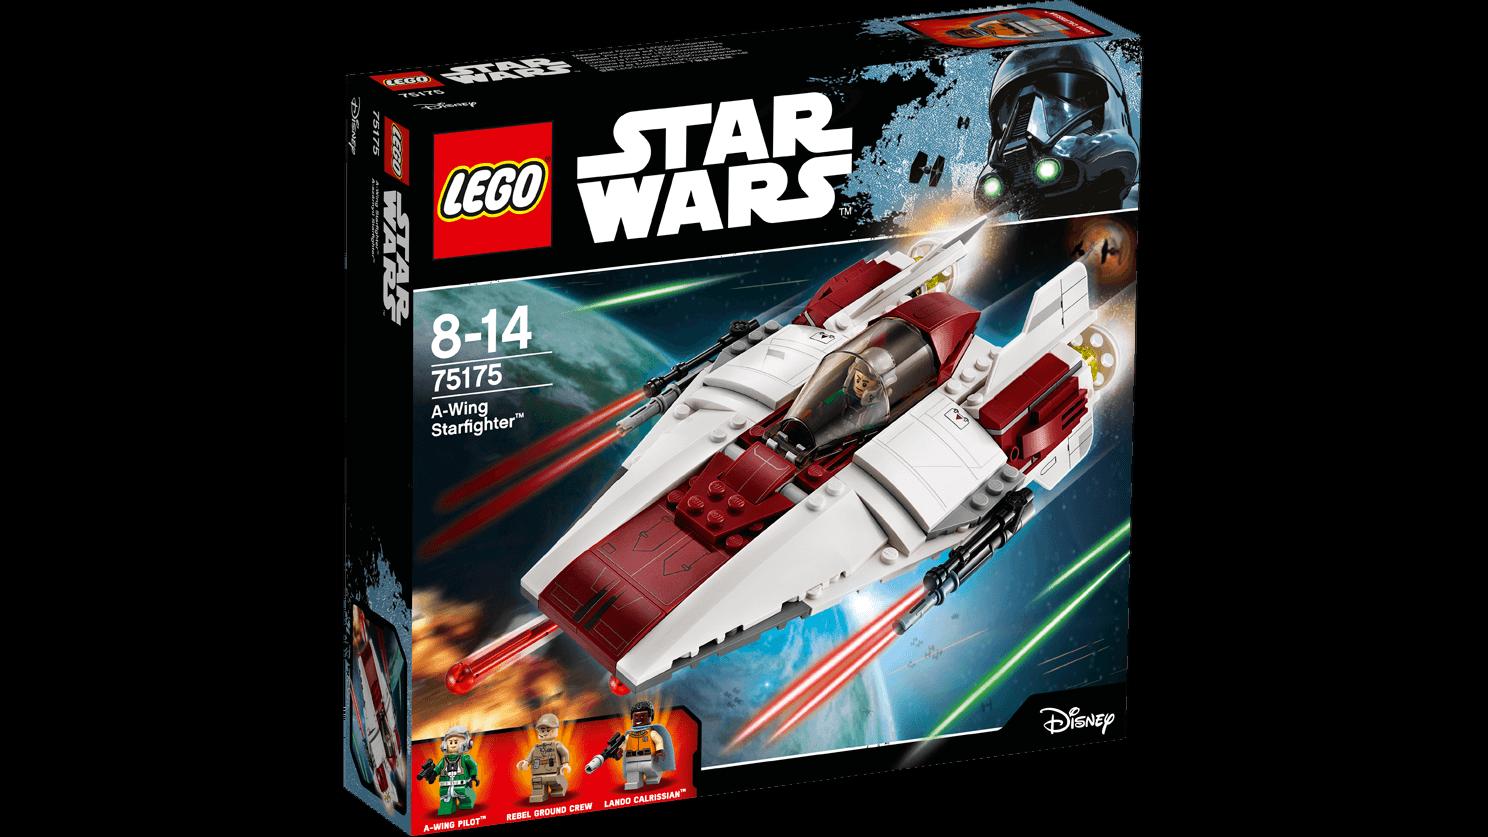 LEGO 75175 estrella guerras SET - A-WING estrellaFIGHTER -   NUOVO    risparmiare fino all'80%